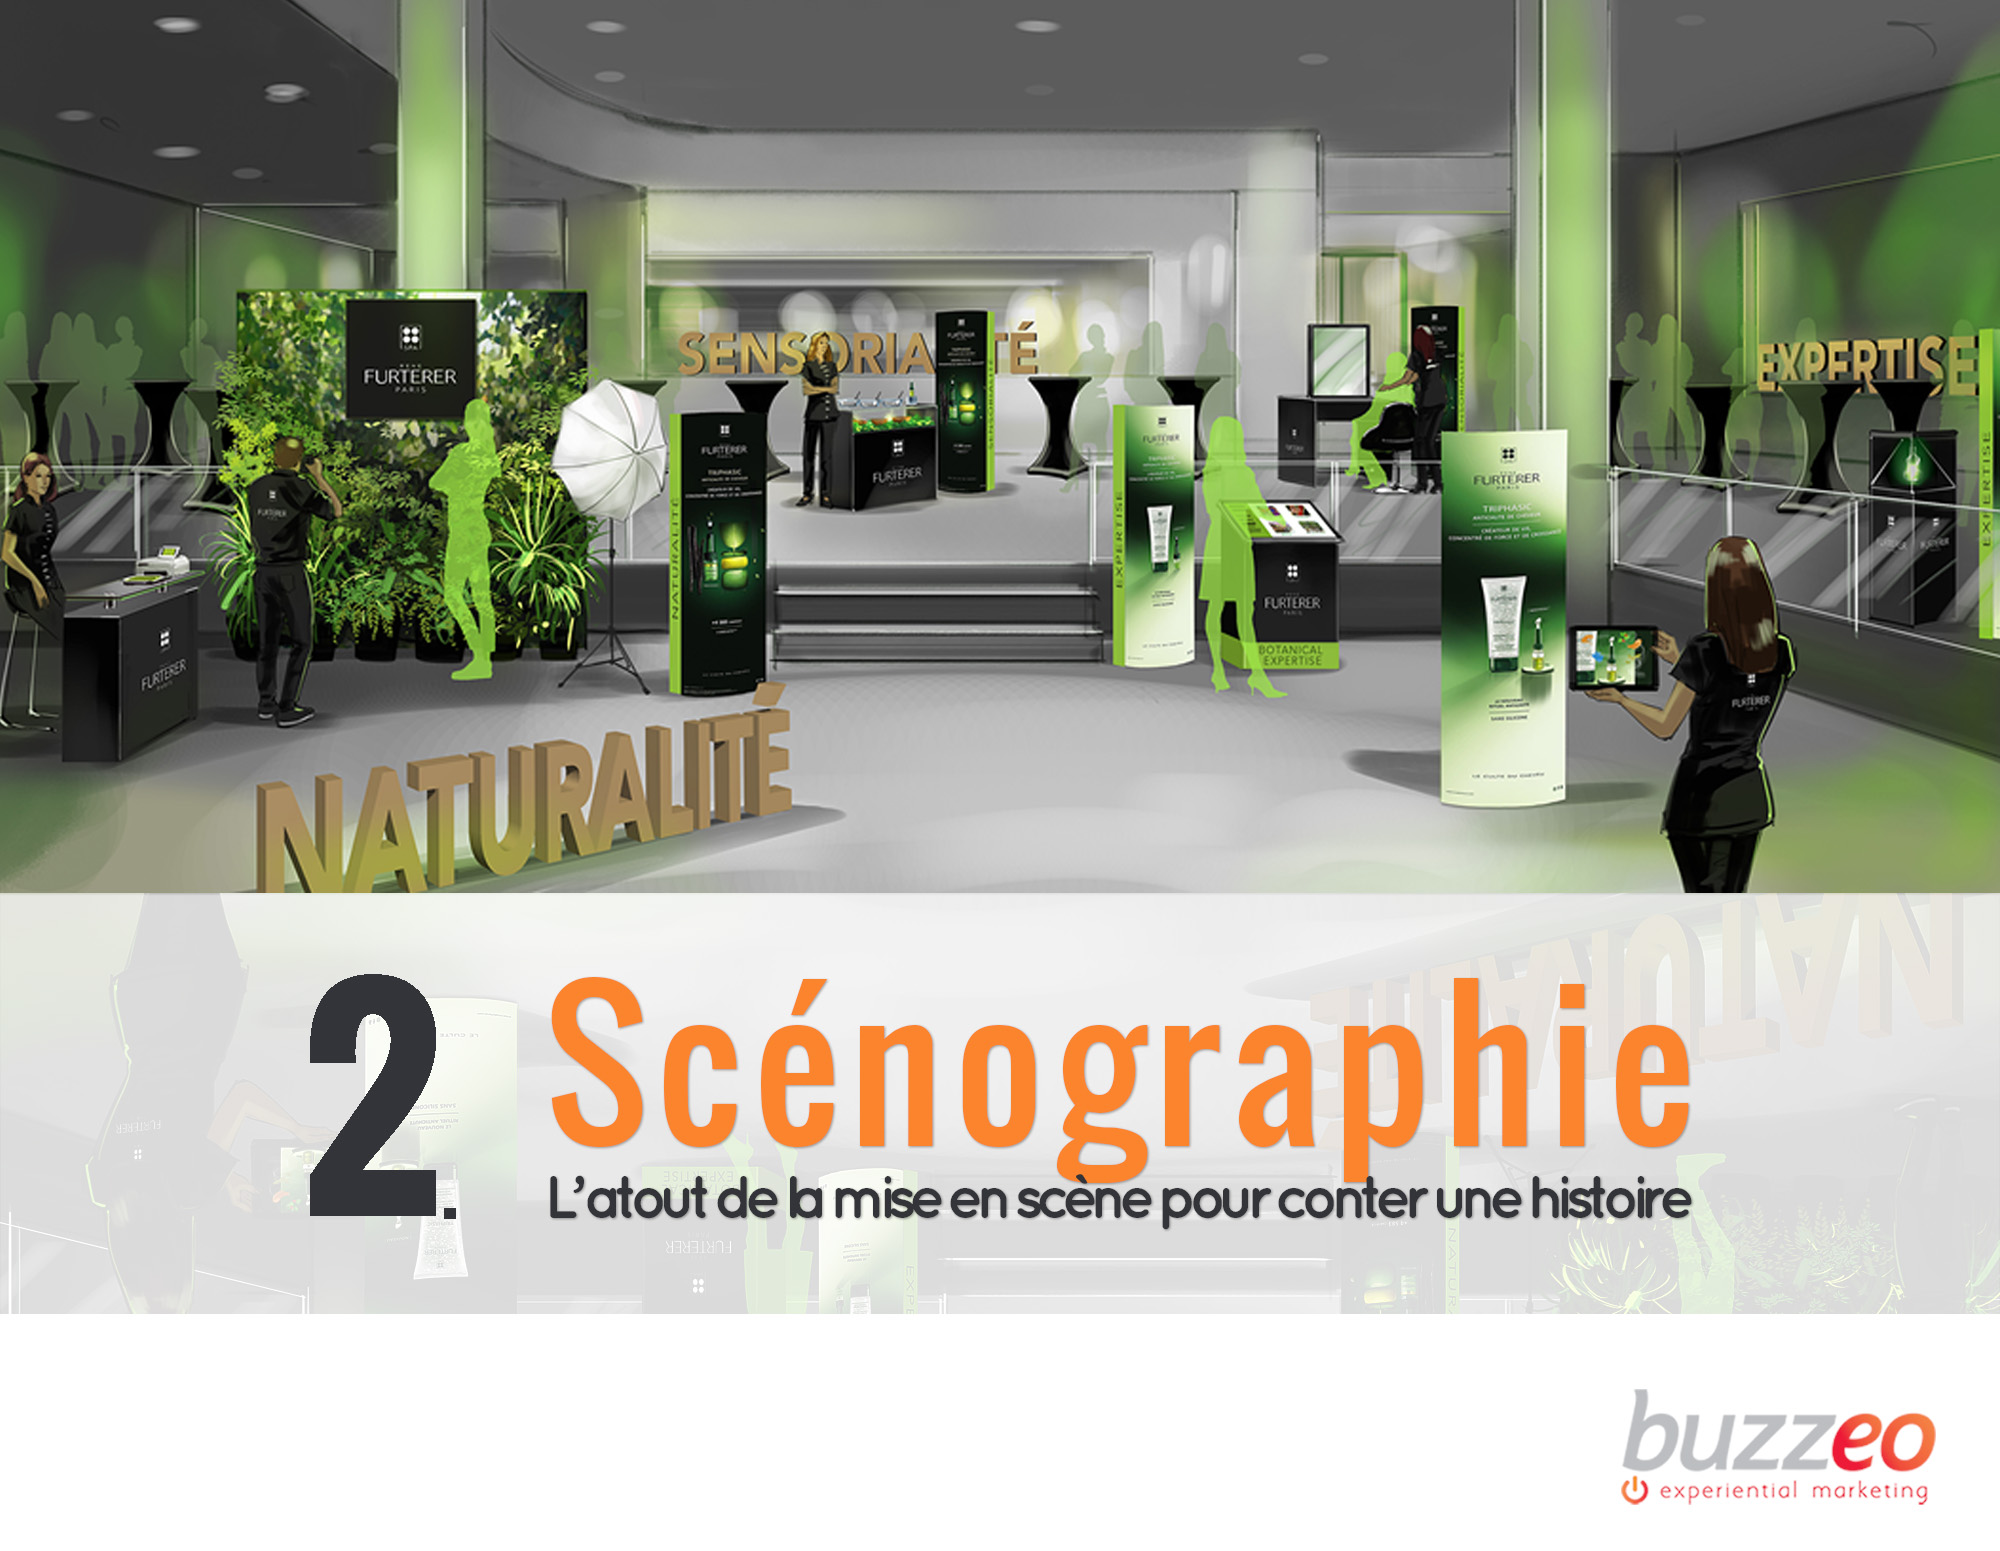 scenographie - Keemia Shopper - l'agence de marketing d'activation shopper phygital